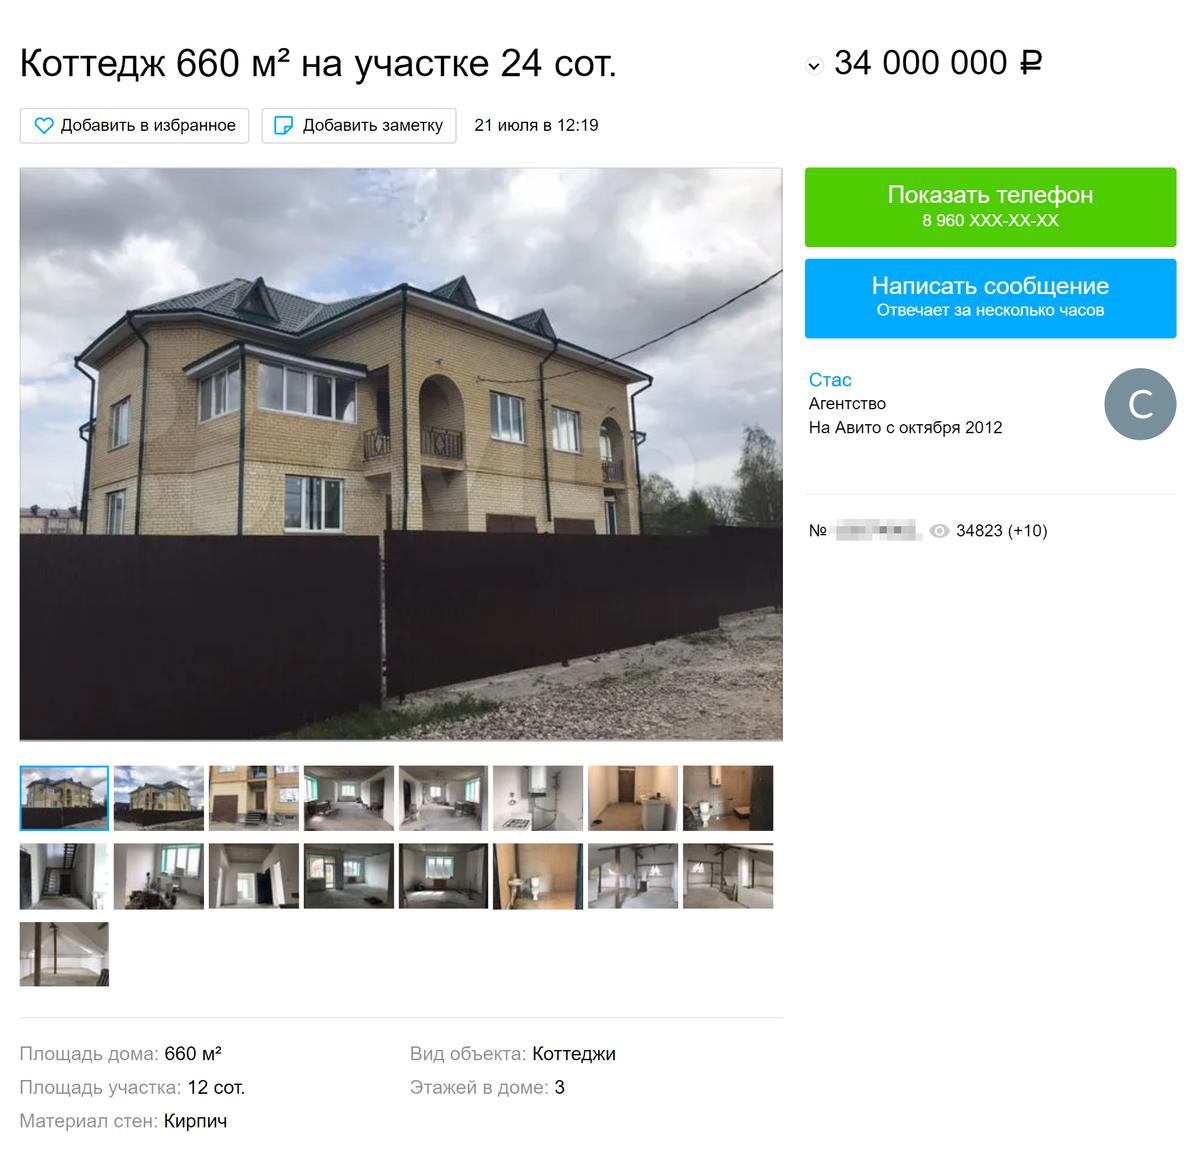 В этом доме десять комнат, спортзал и бассейн. Цена — 34млн